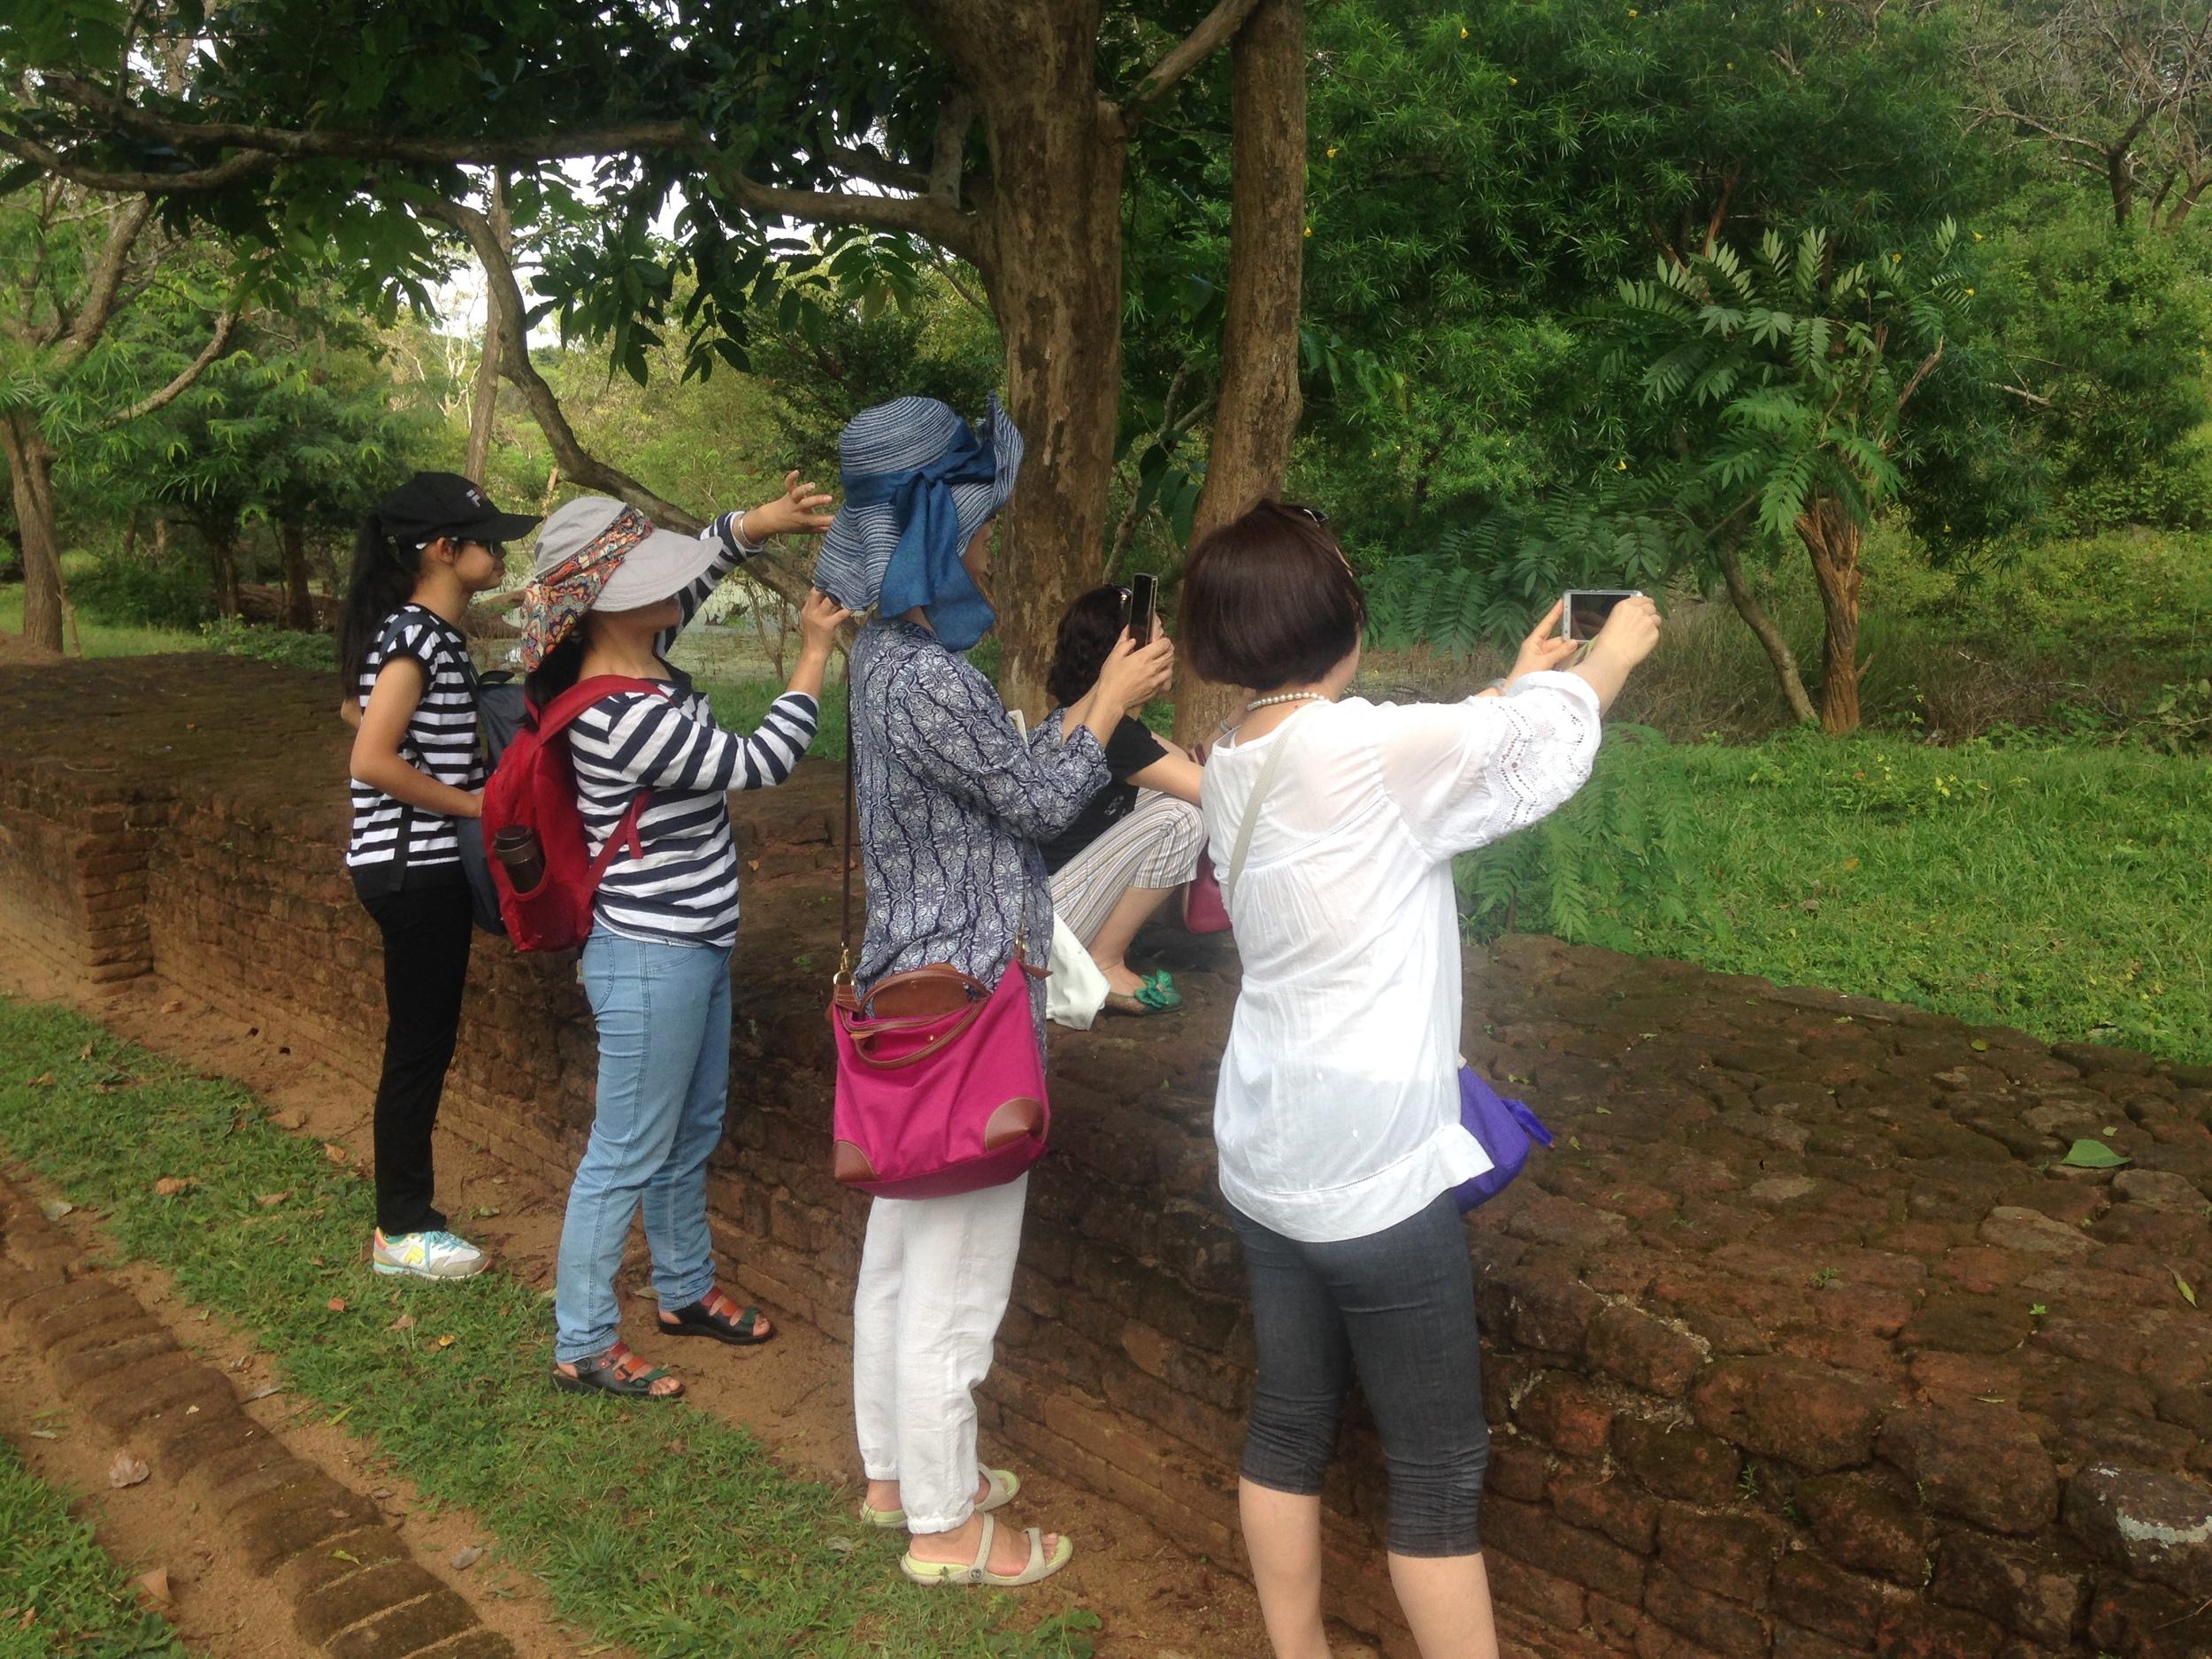 Tourists taking photos of monkeys.